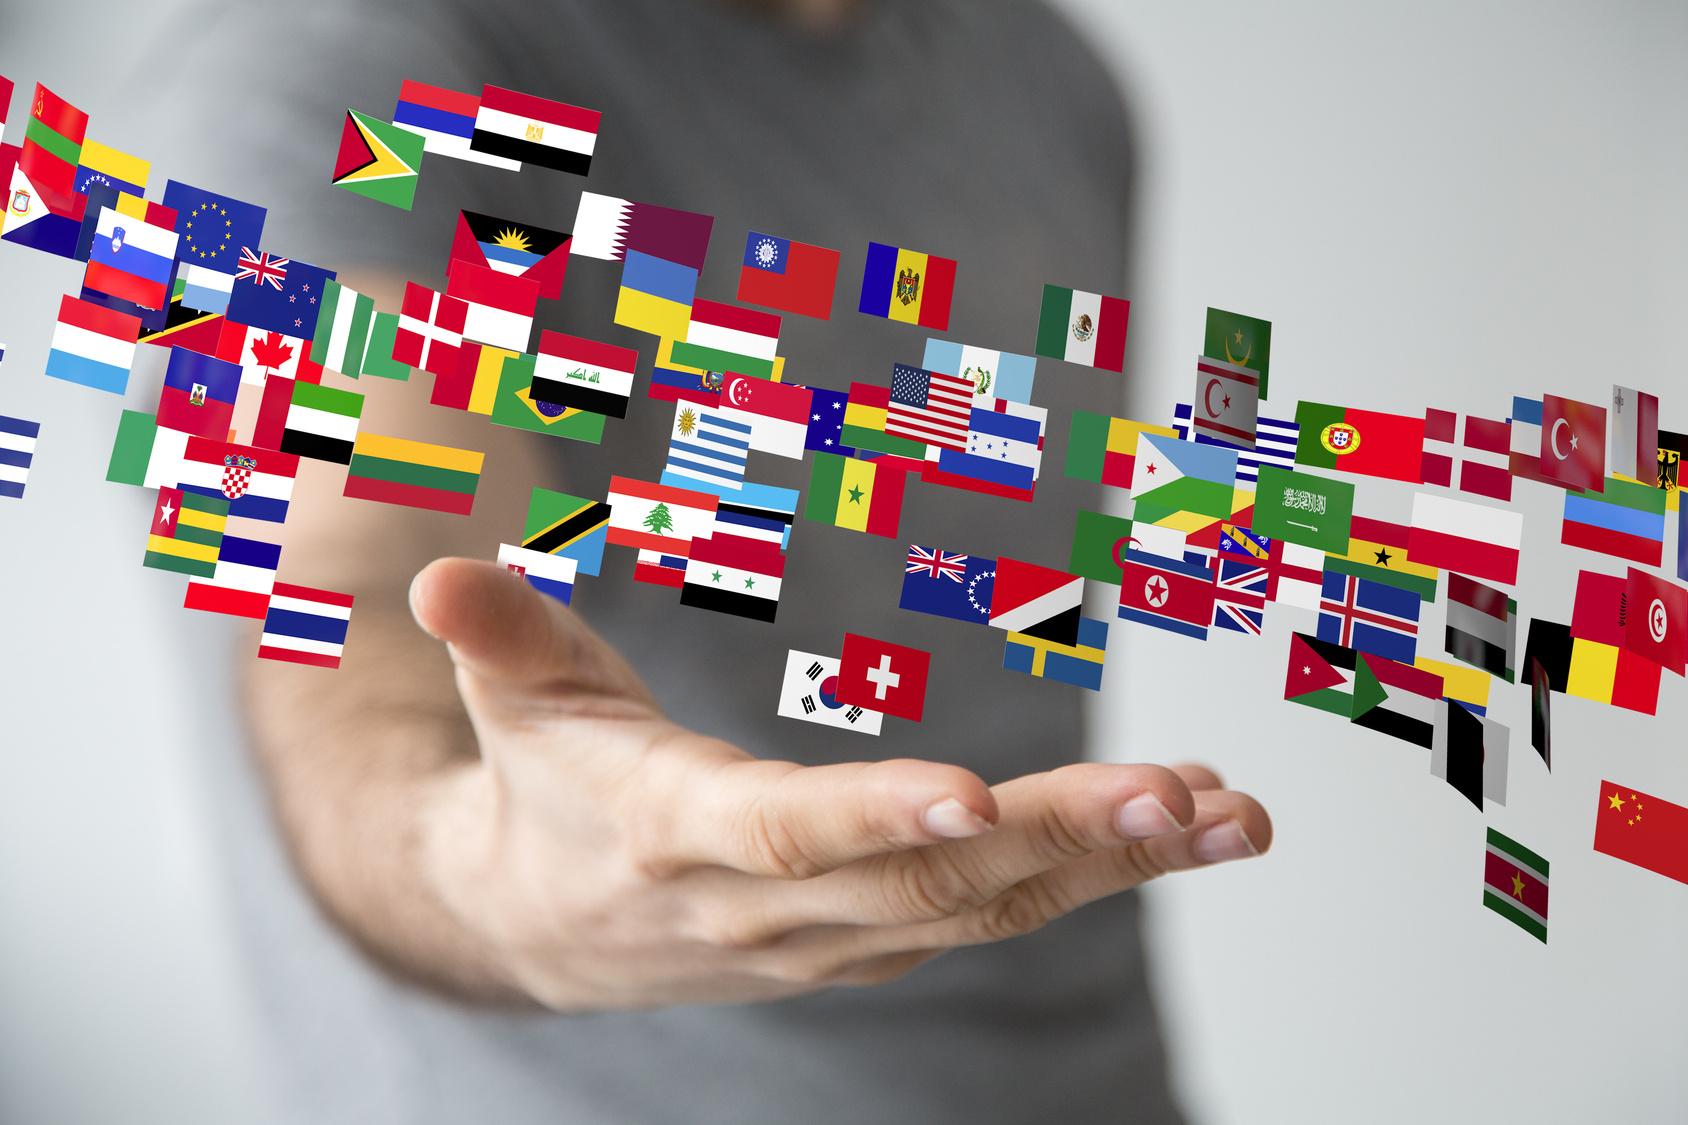 себе картинки цветов развивающихся стран сегодня современные мифотворцы